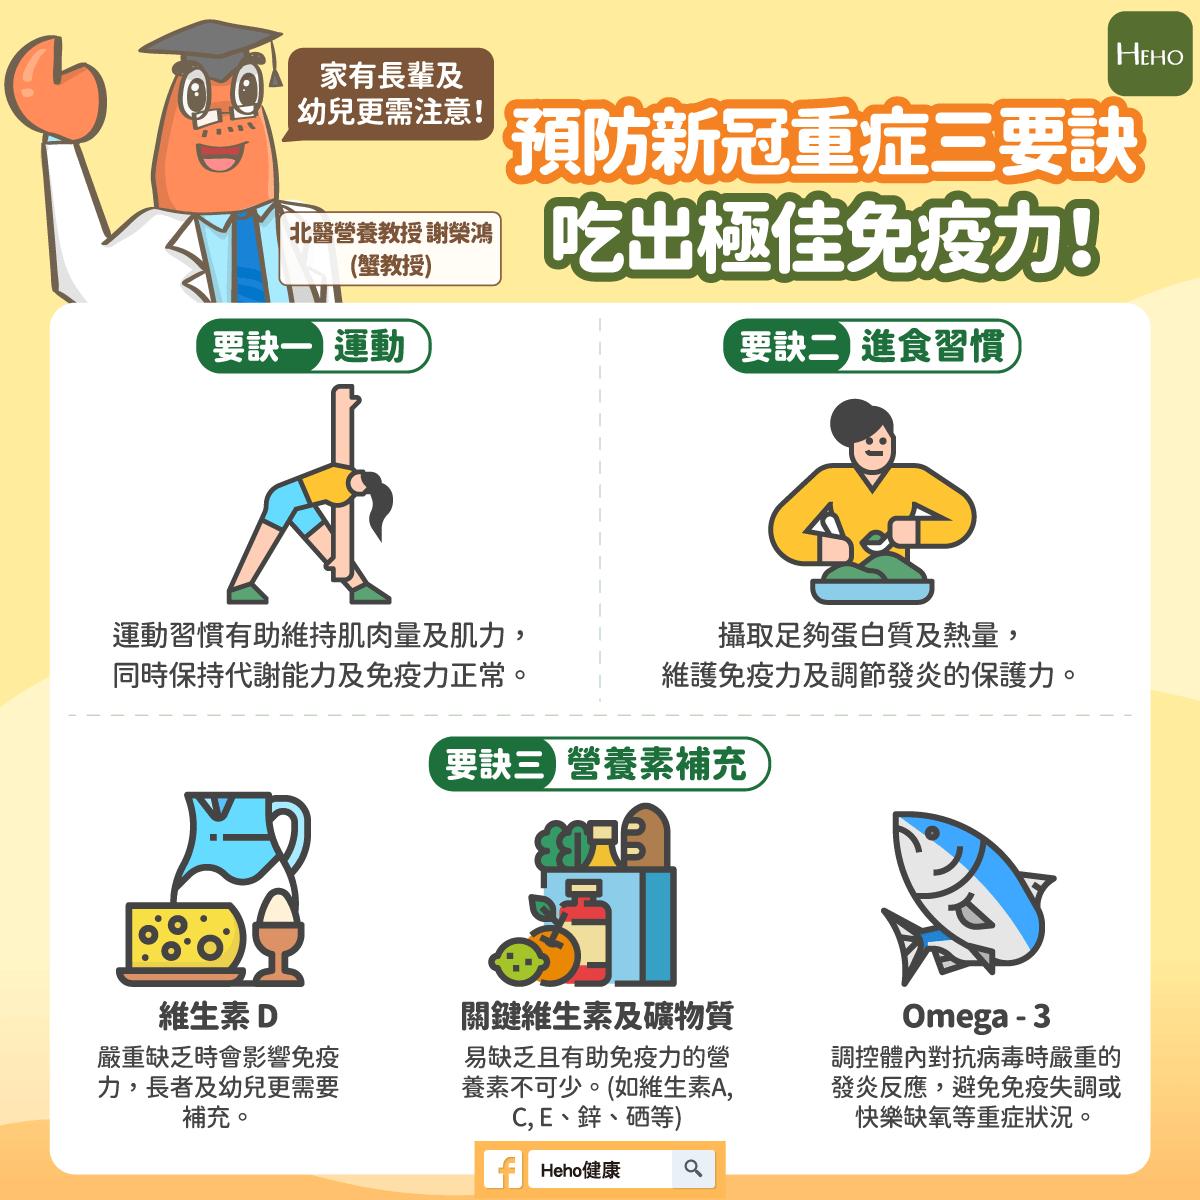 圖解_預防新冠重症三要訣_謝榮鴻教授